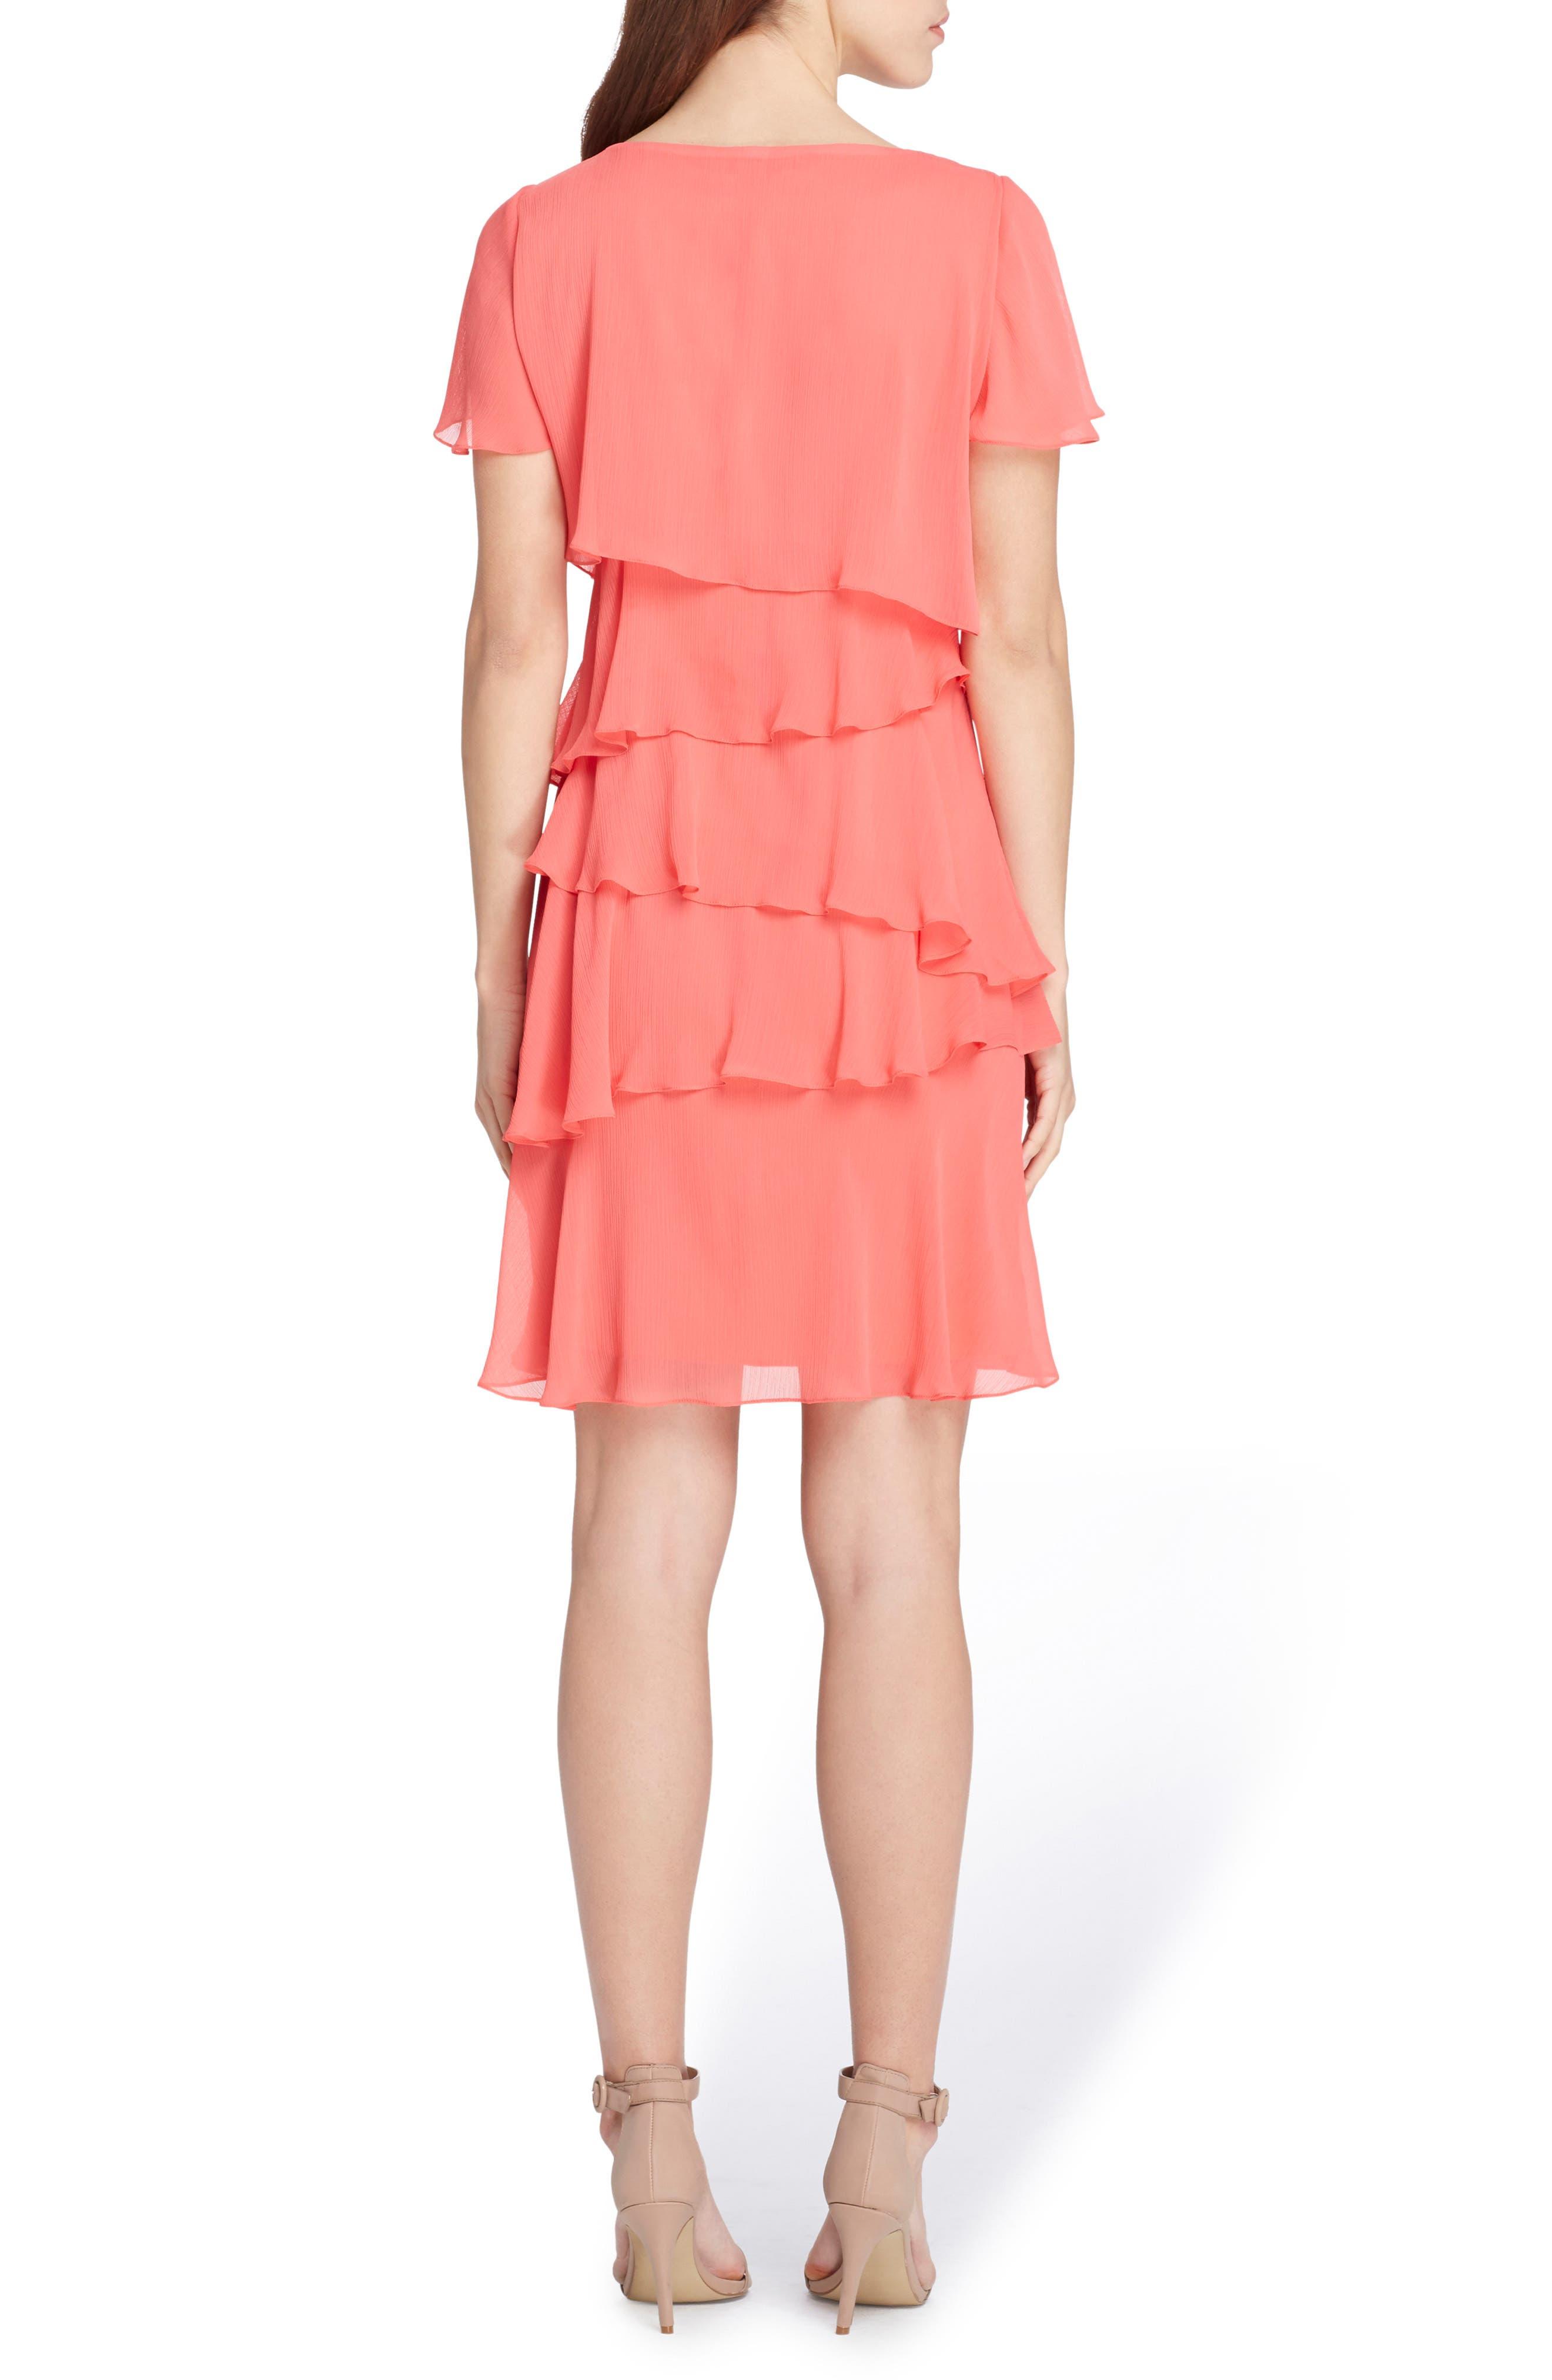 Yoryu Chiffon Ruffle Dress,                             Alternate thumbnail 2, color,                             959